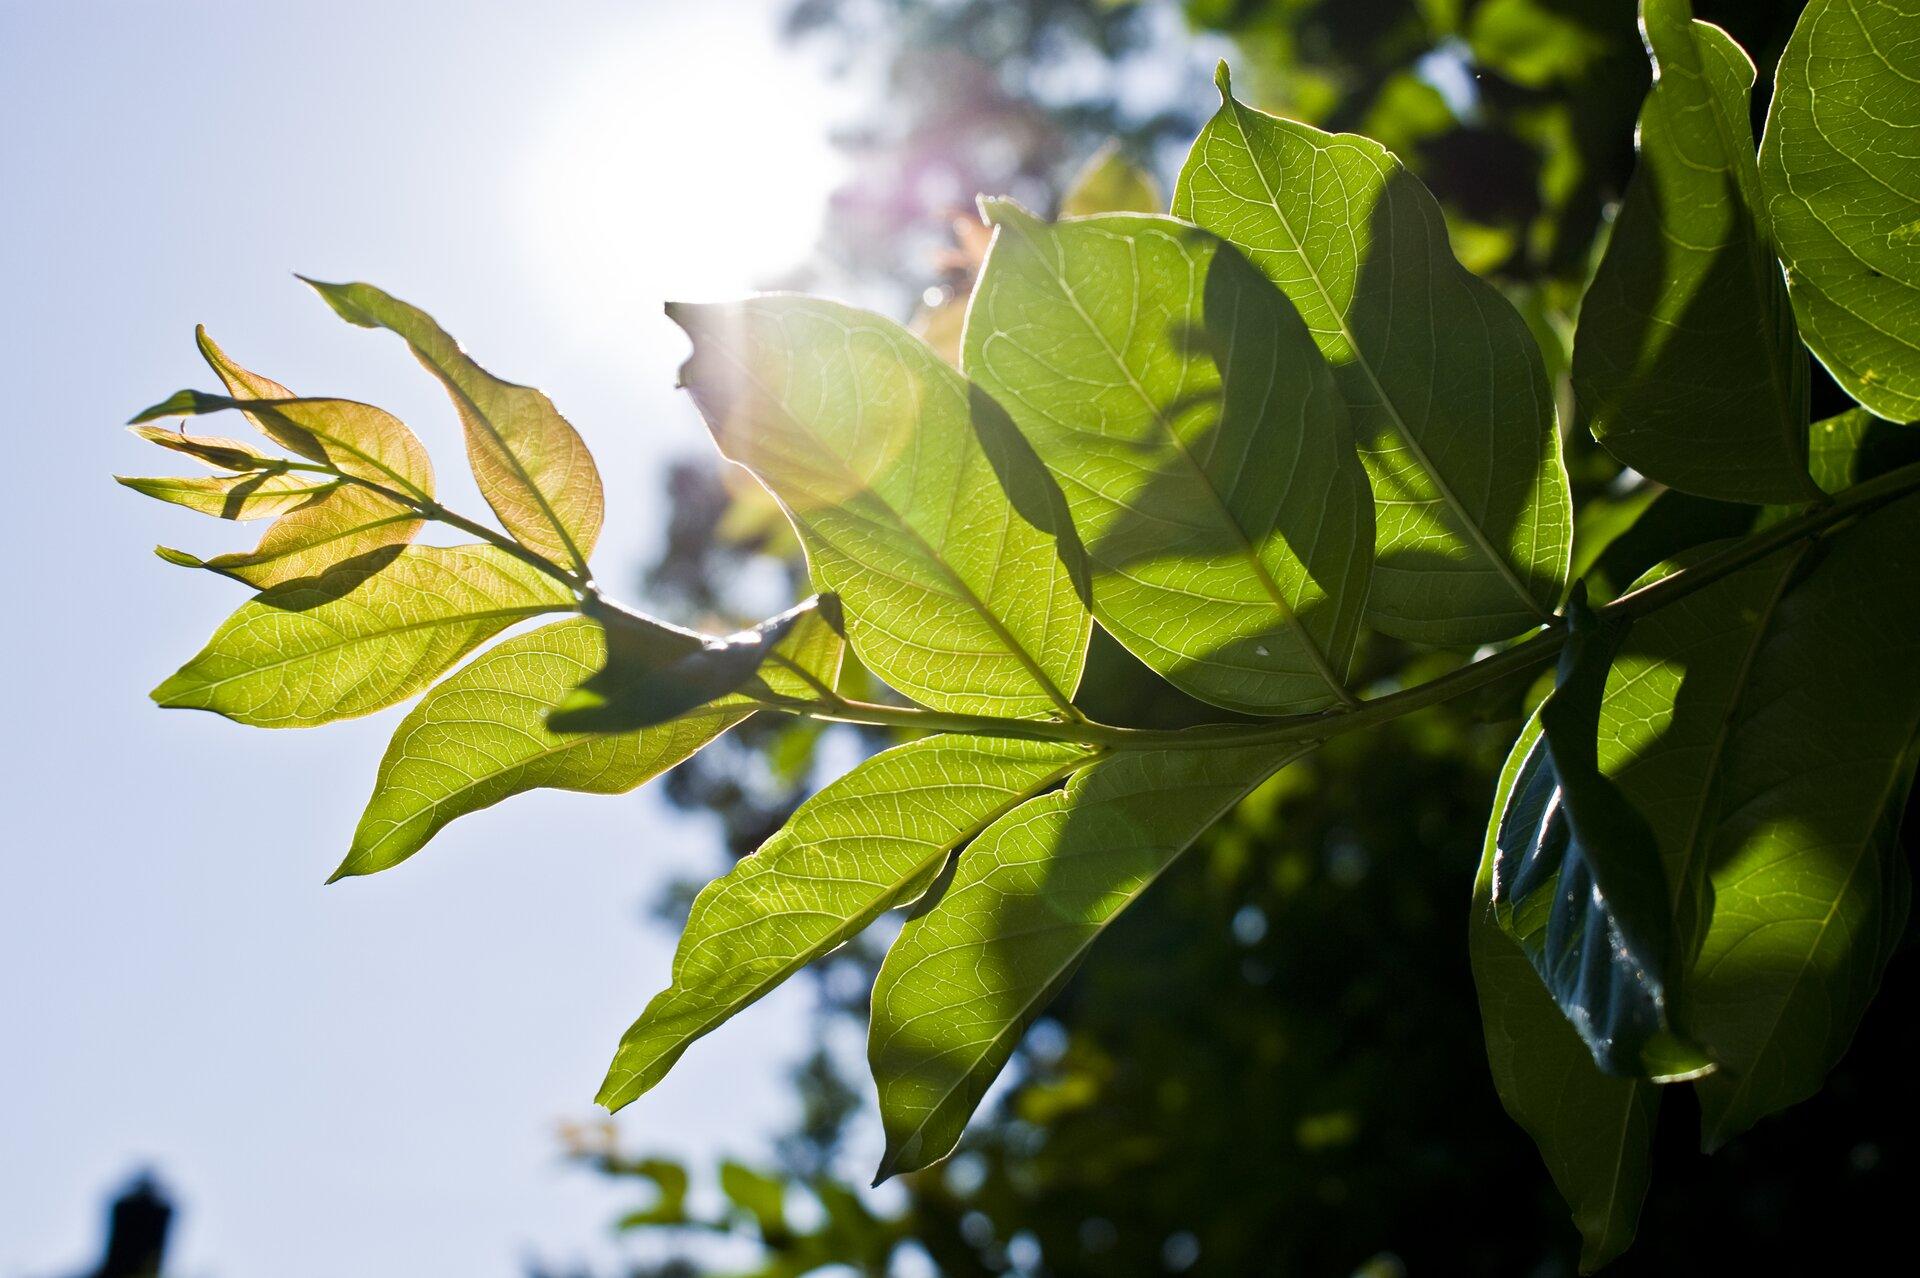 Zdjęcie przedstawia gałązkę drzewa gęsto usianą zielonymi liśćmi obserwowaną pod słońce.